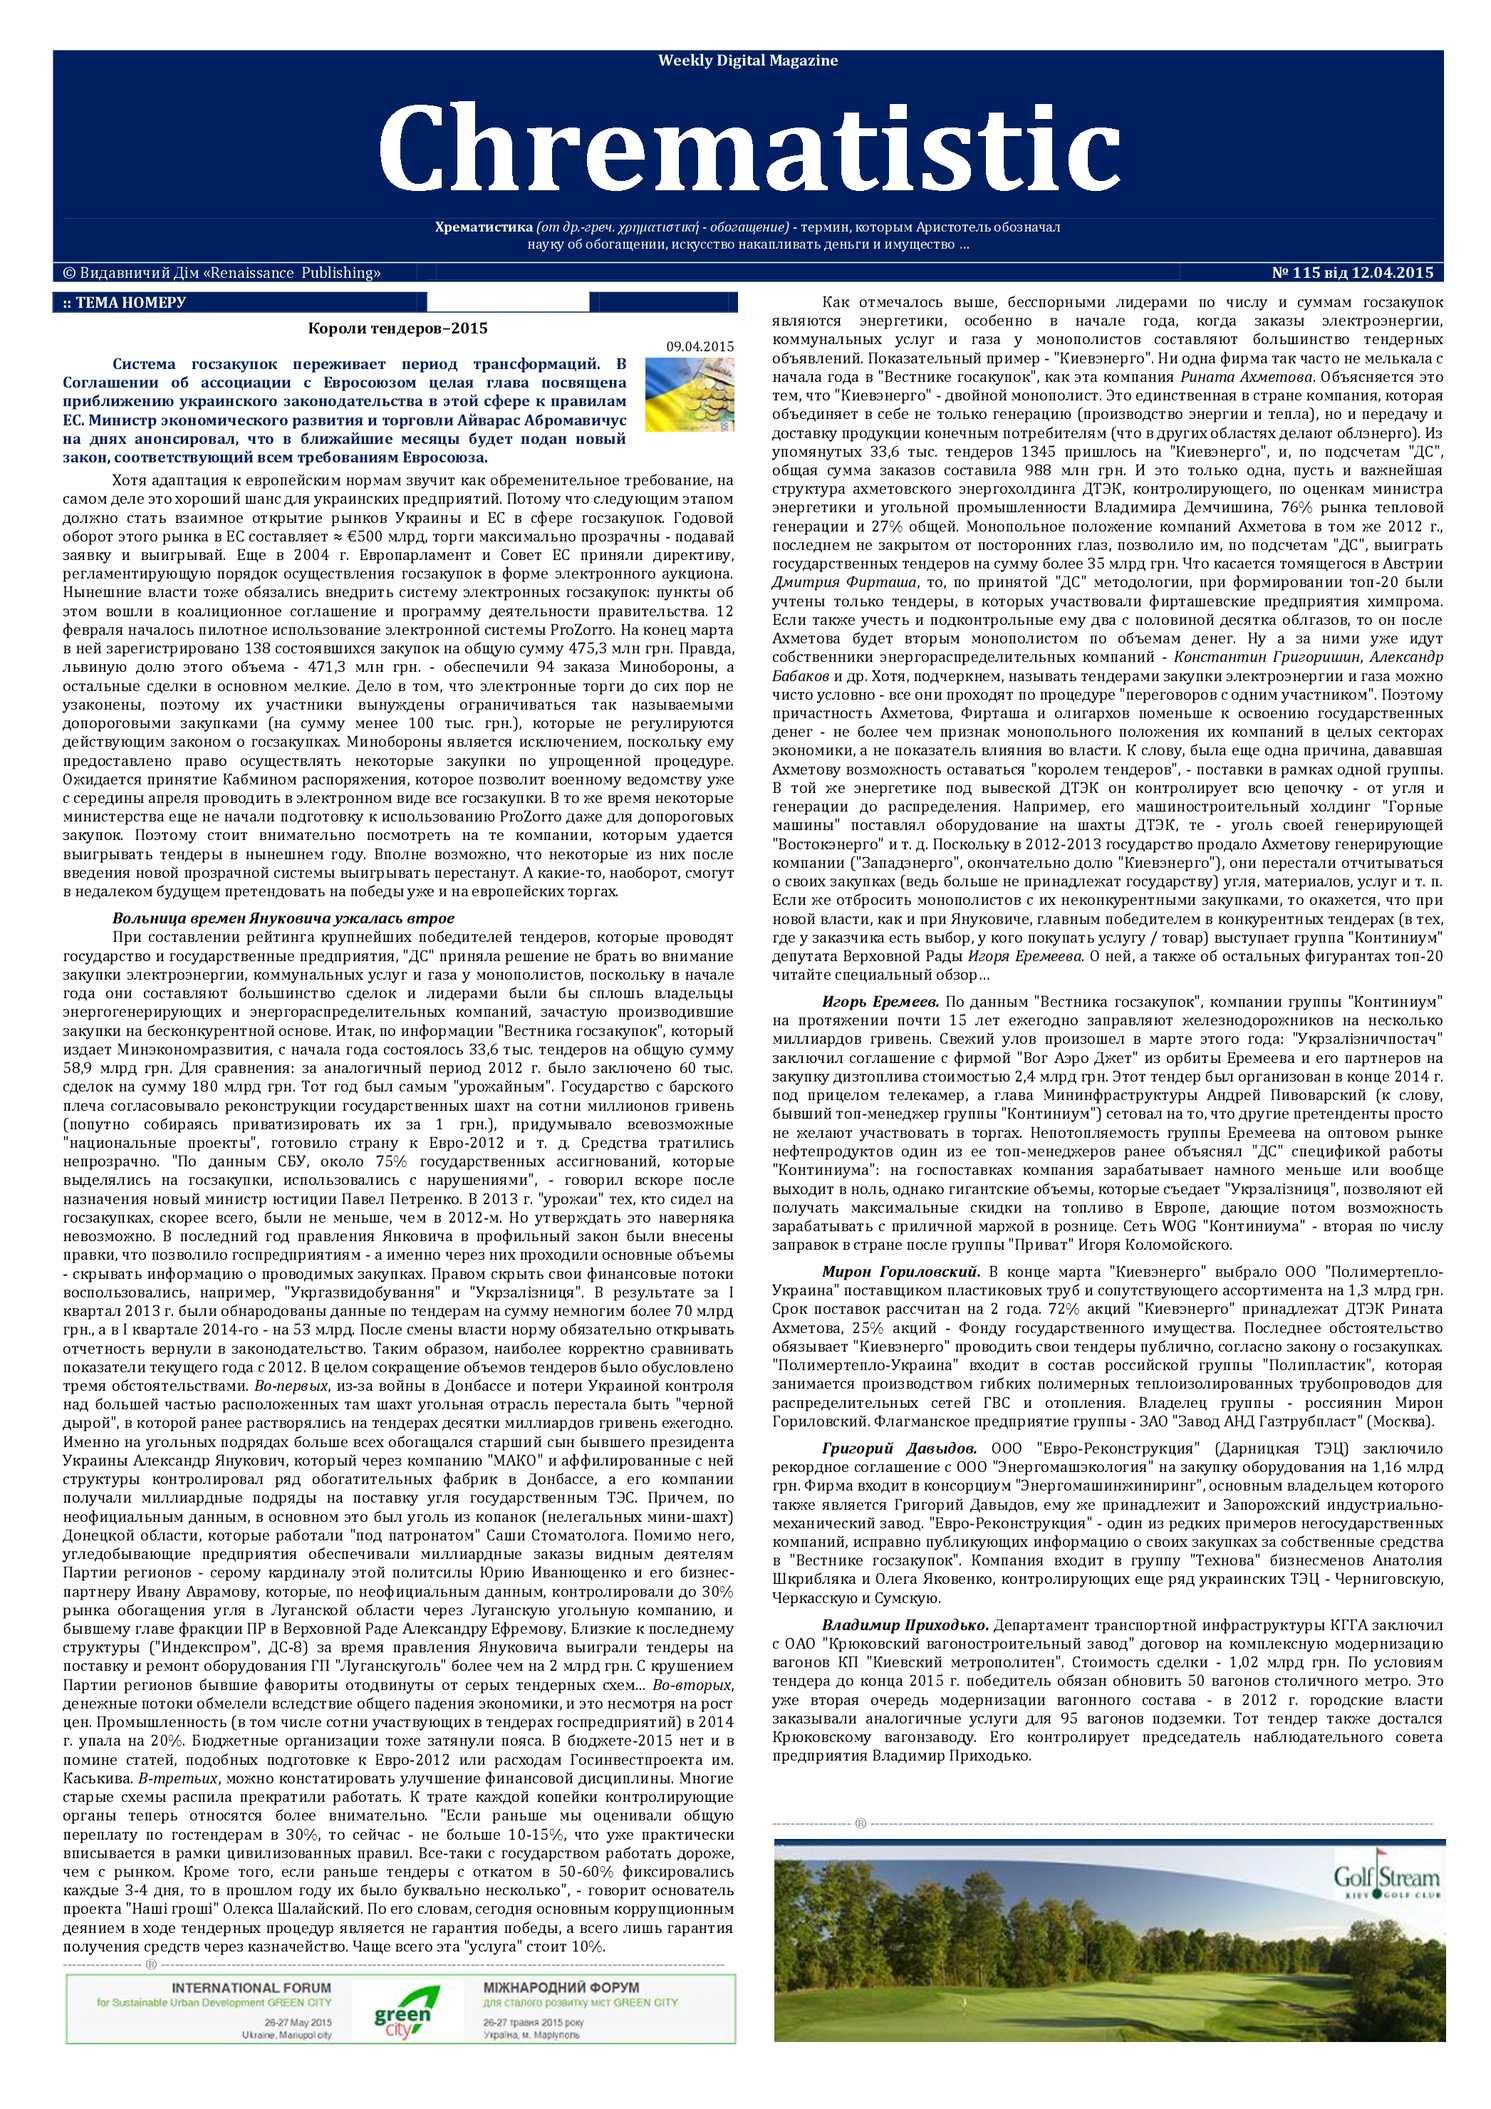 Calaméo - №115 Wdm «Chrematistic» от 12 04 2015 3320dc83177